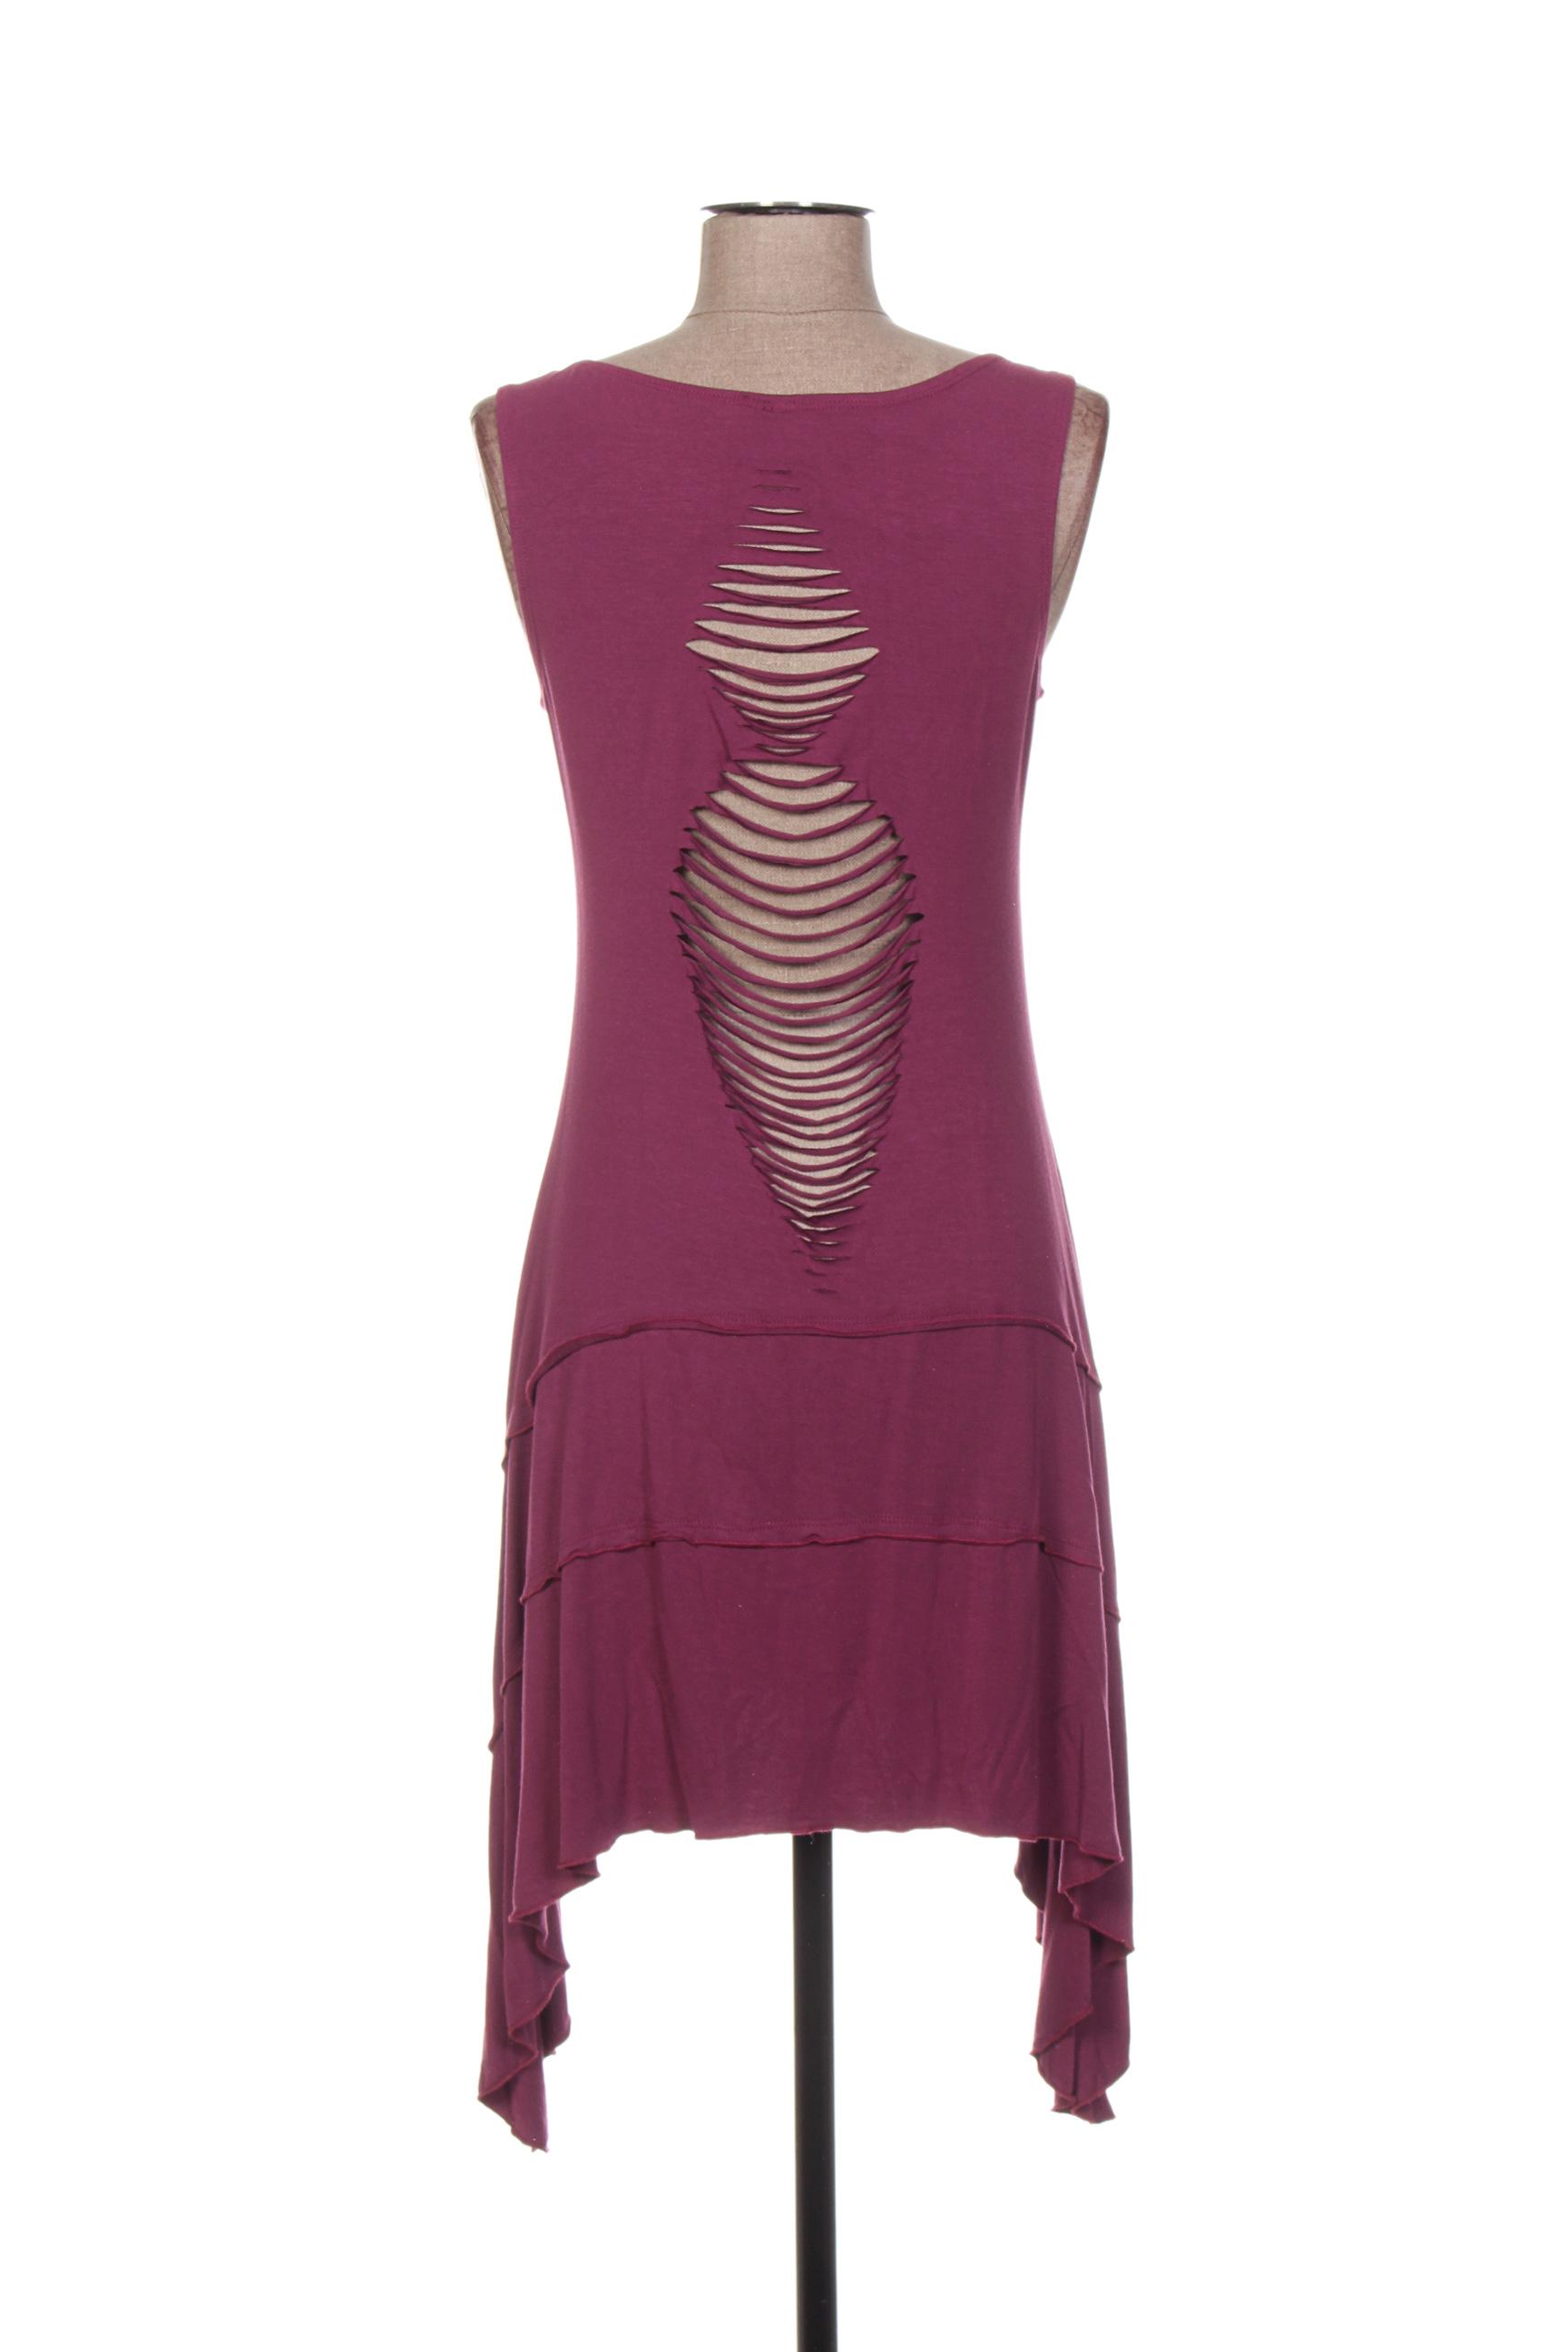 Dipawali Robes Courtes Femme De Couleur Violet En Soldes Pas Cher 1273693-violet